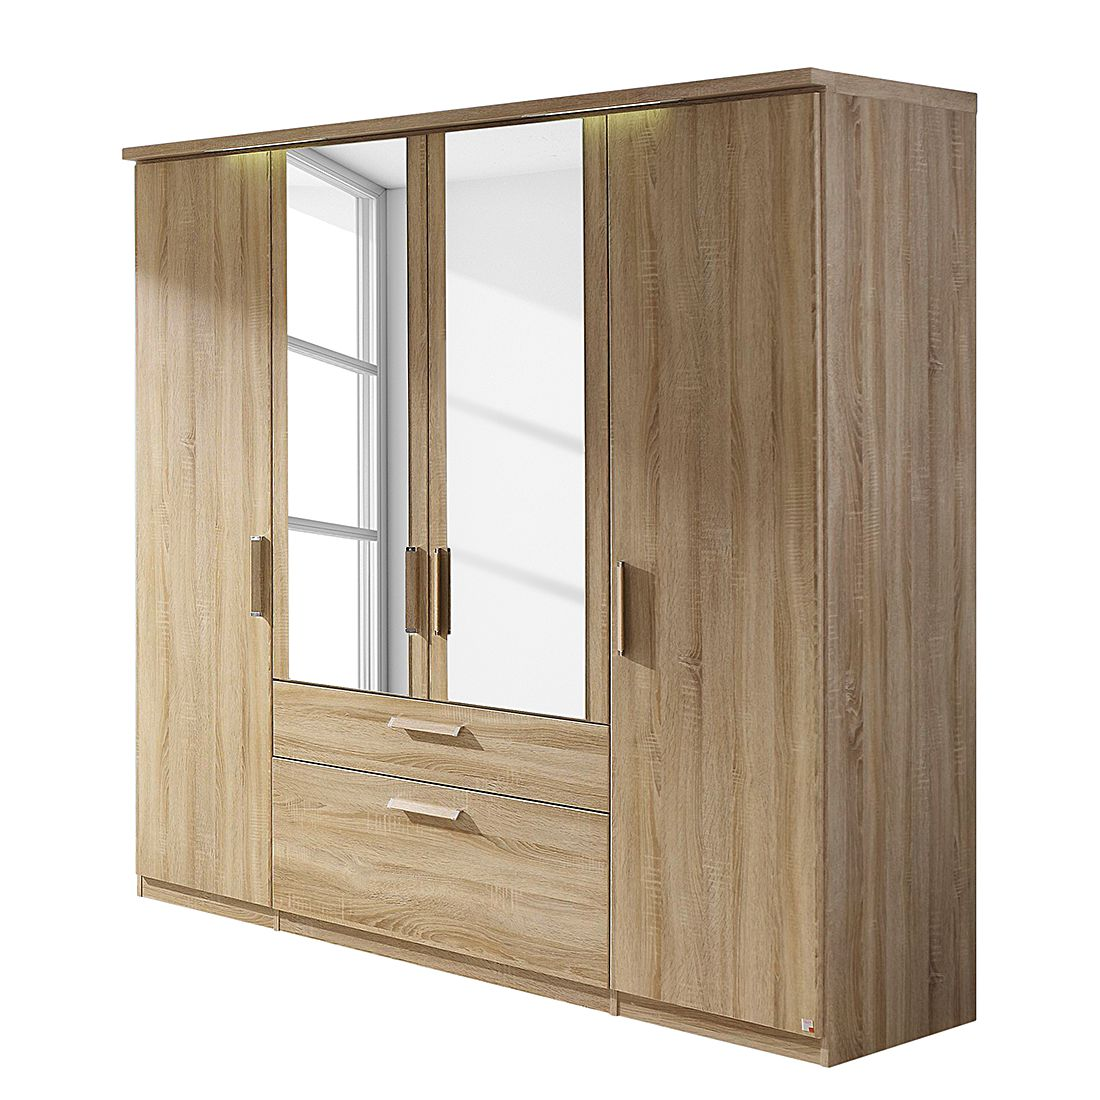 goedkoop energie A+ Draaideurkast Evelyn II Sonoma eikenhouten look Met verlichting 151cm 3 deurs 197cm Met kroonlijst Rauch Dialog